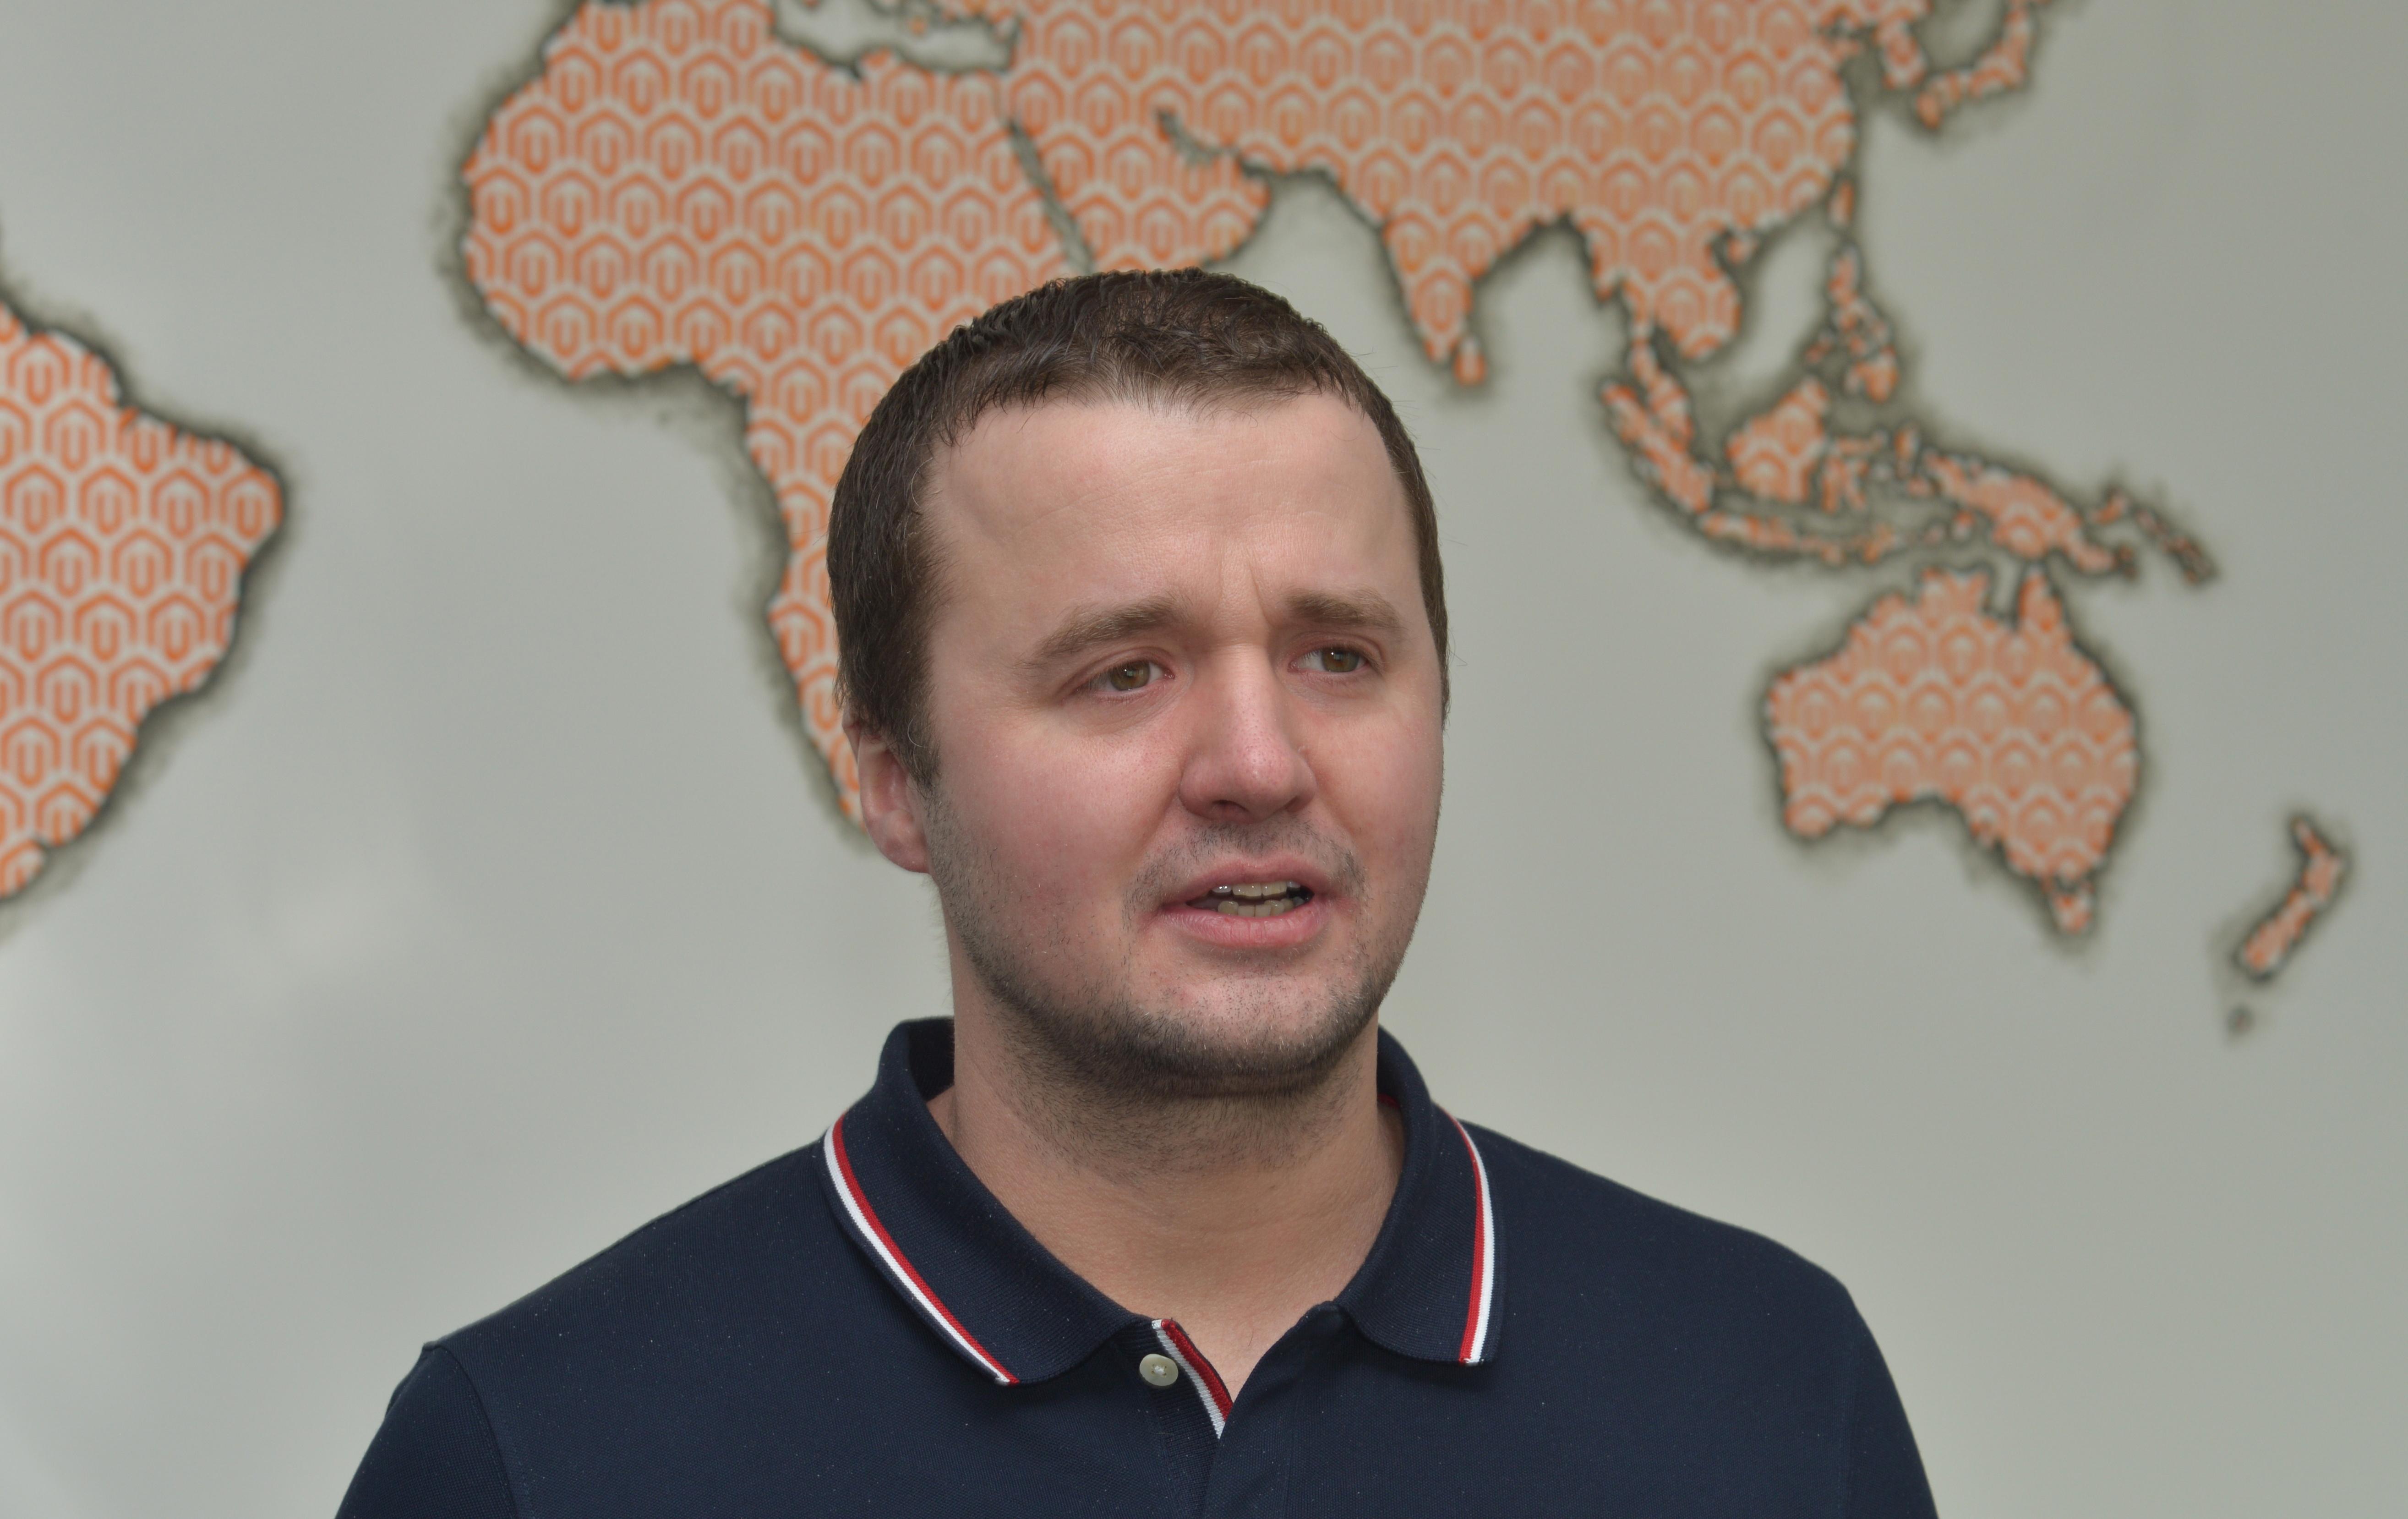 Filip Krejčí